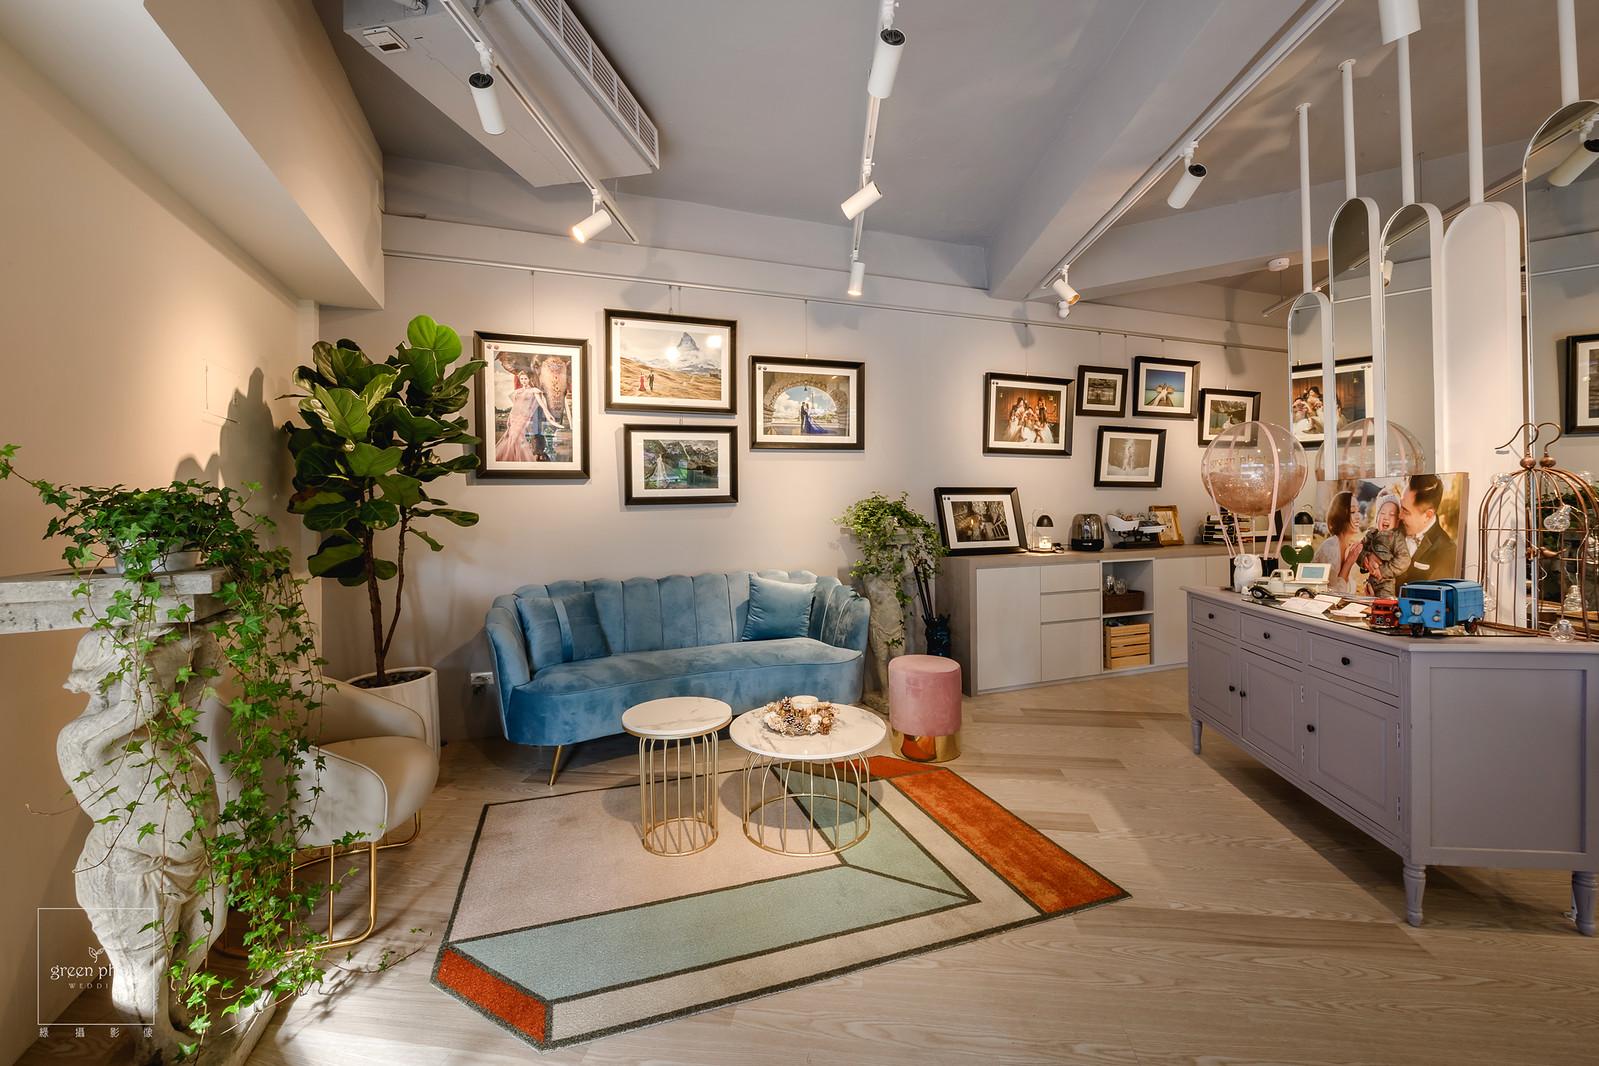 綠攝影像|公司環境|室內設計拍攝